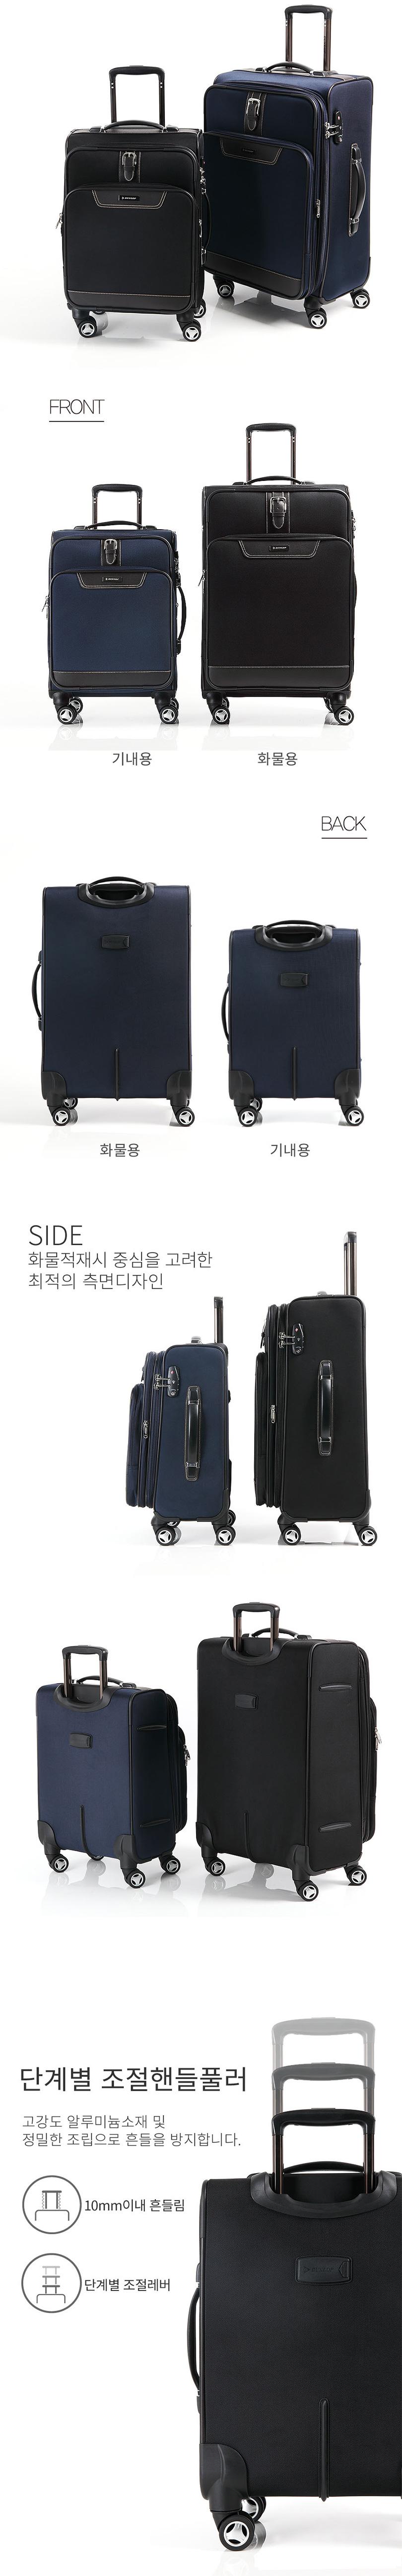 던롭 NF112 19형 소프트 여행가방 - 던롭, 140,000원, 소프트형, 기내용(20형) 이하